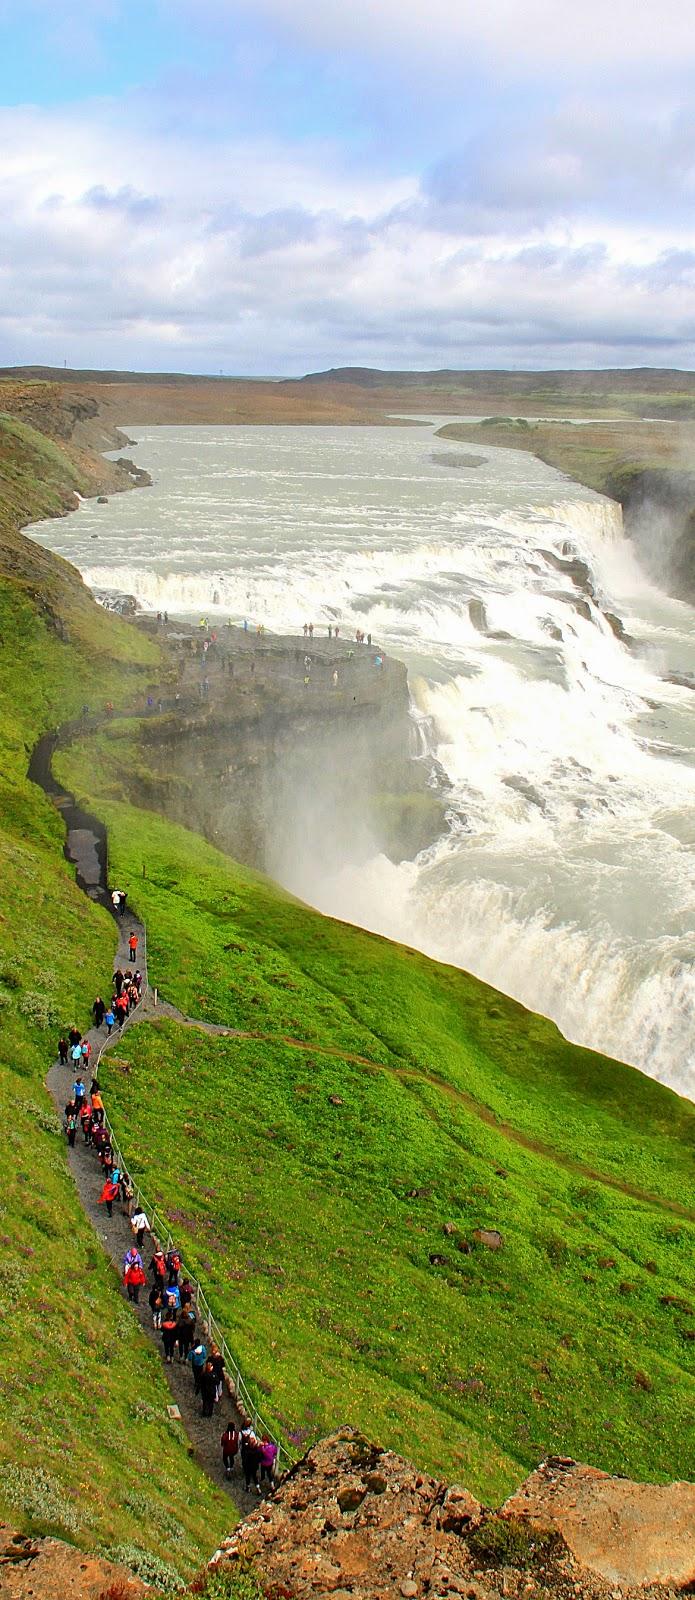 10 Best Adventure Holiday Destinations | Gullfoss waterfall, Iceland